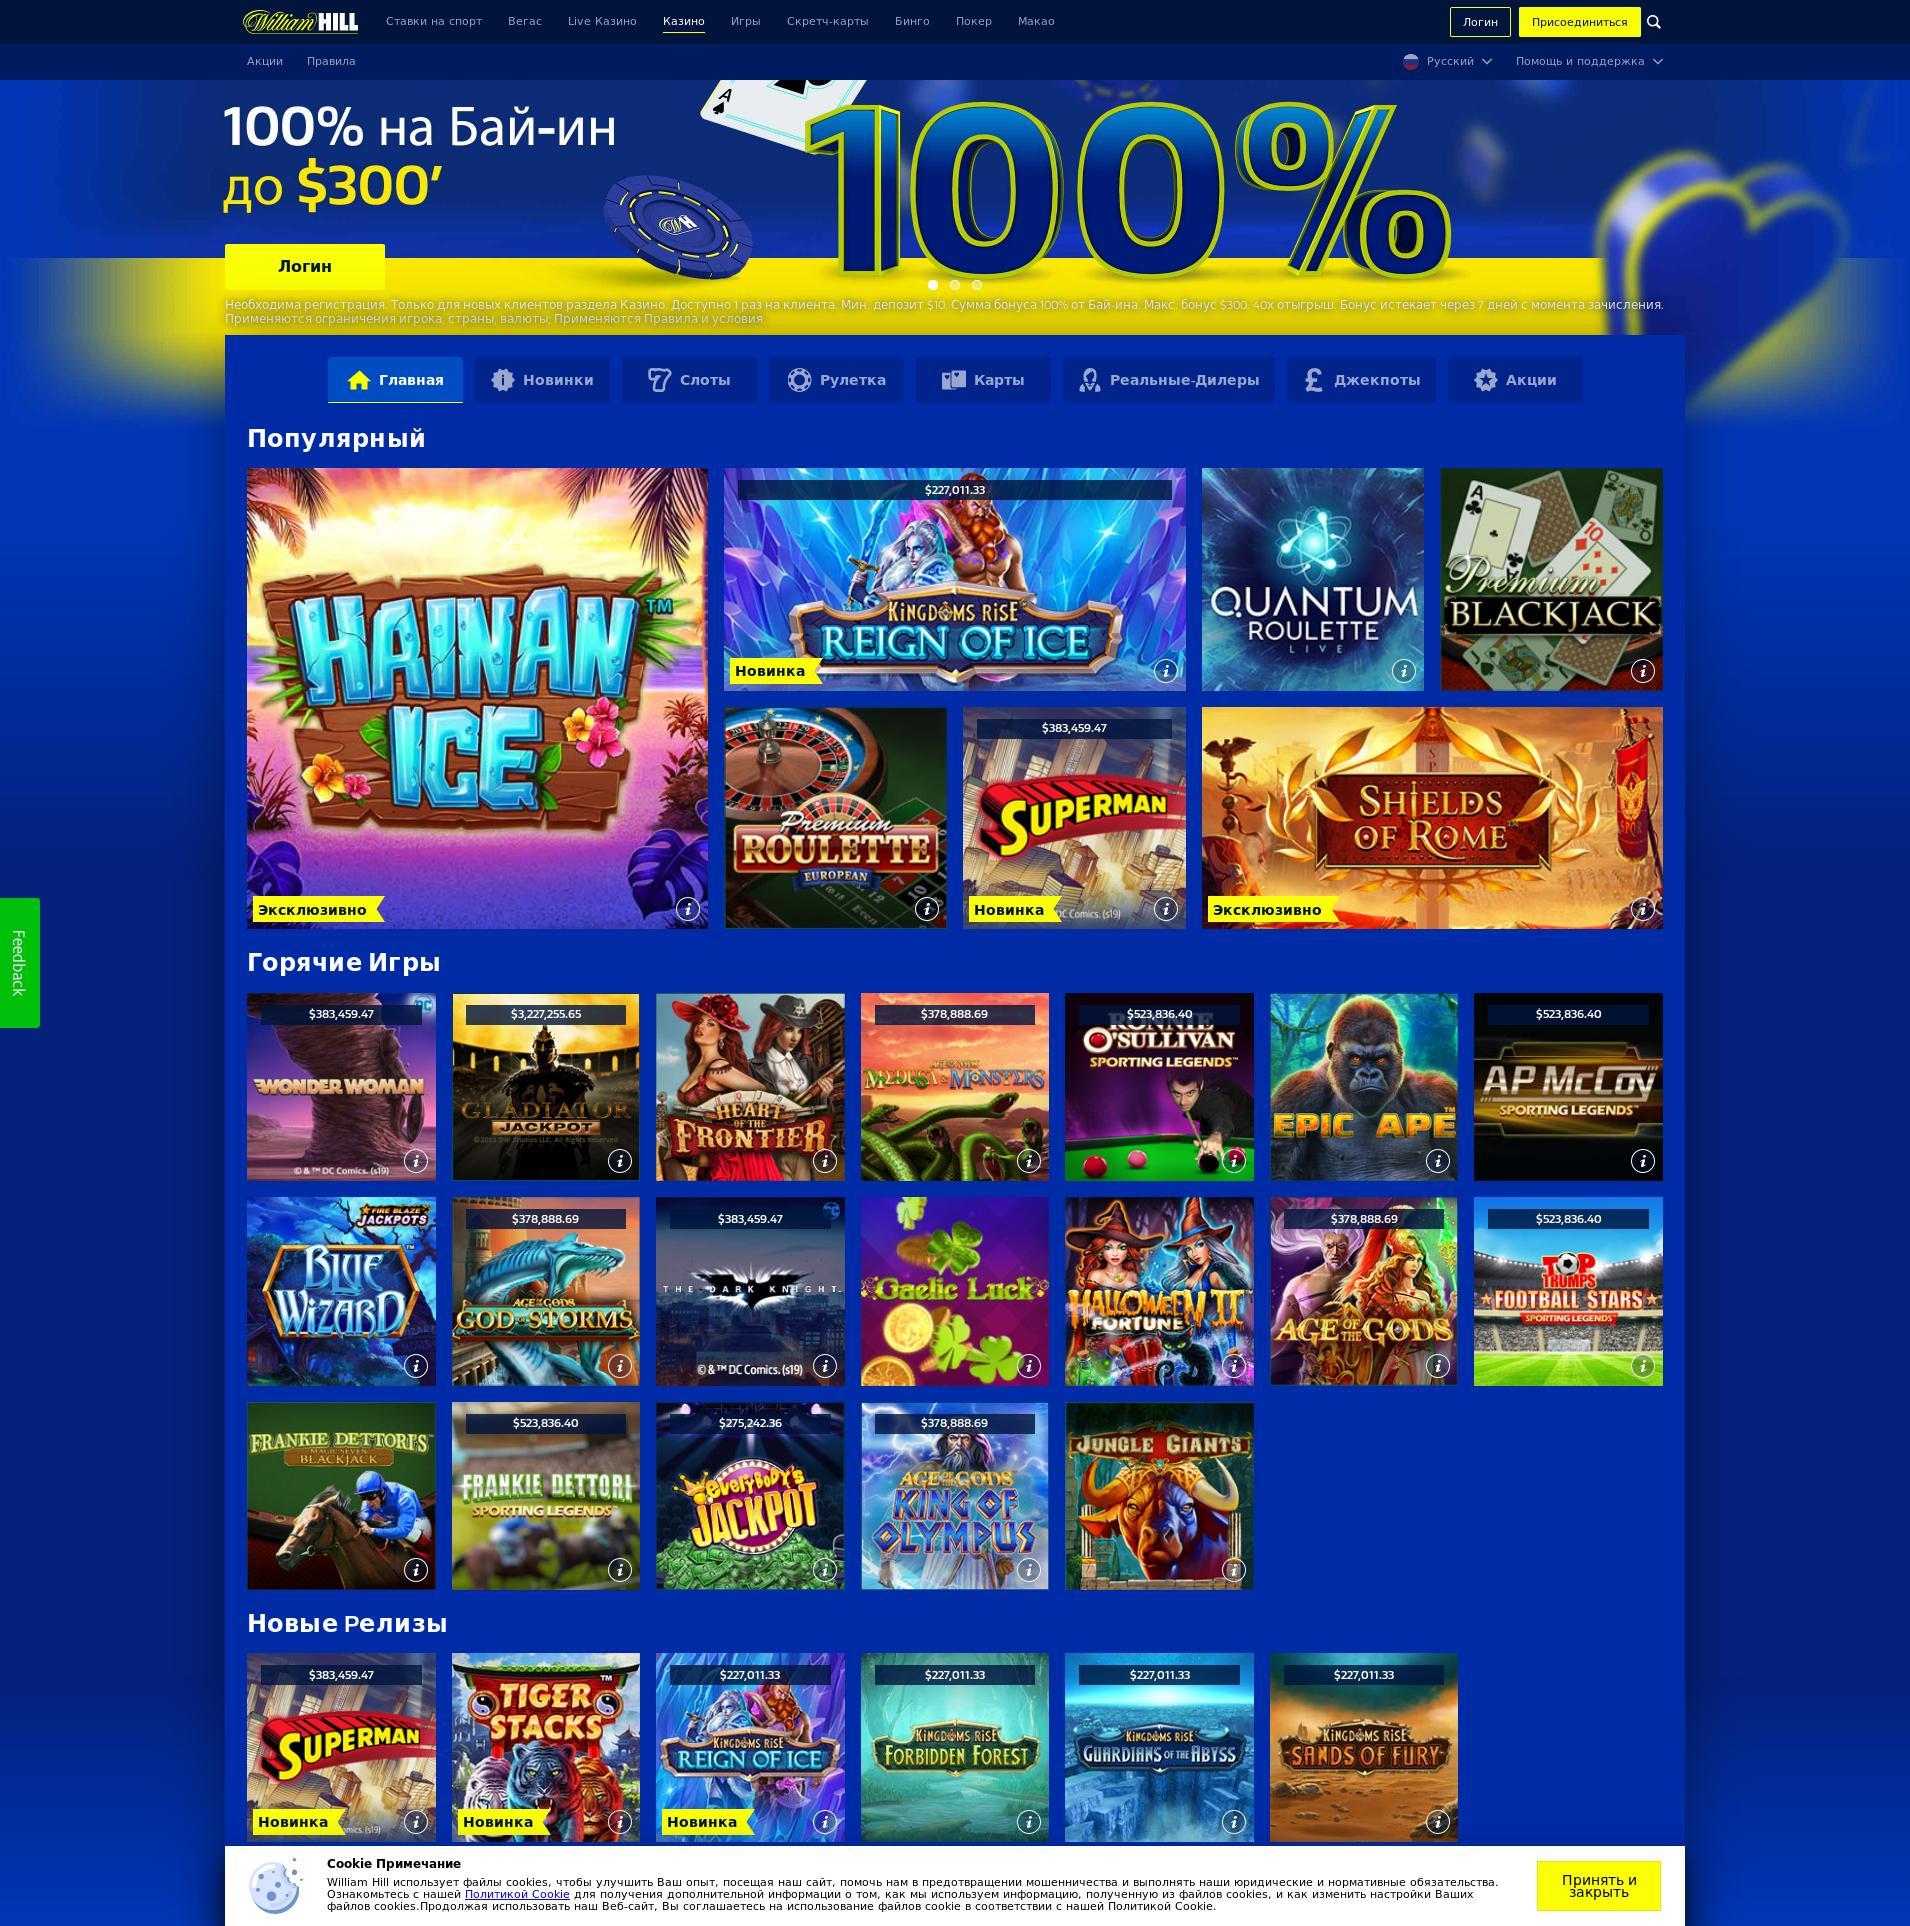 Казино знімок Lobby 2020-01-21 за Україна